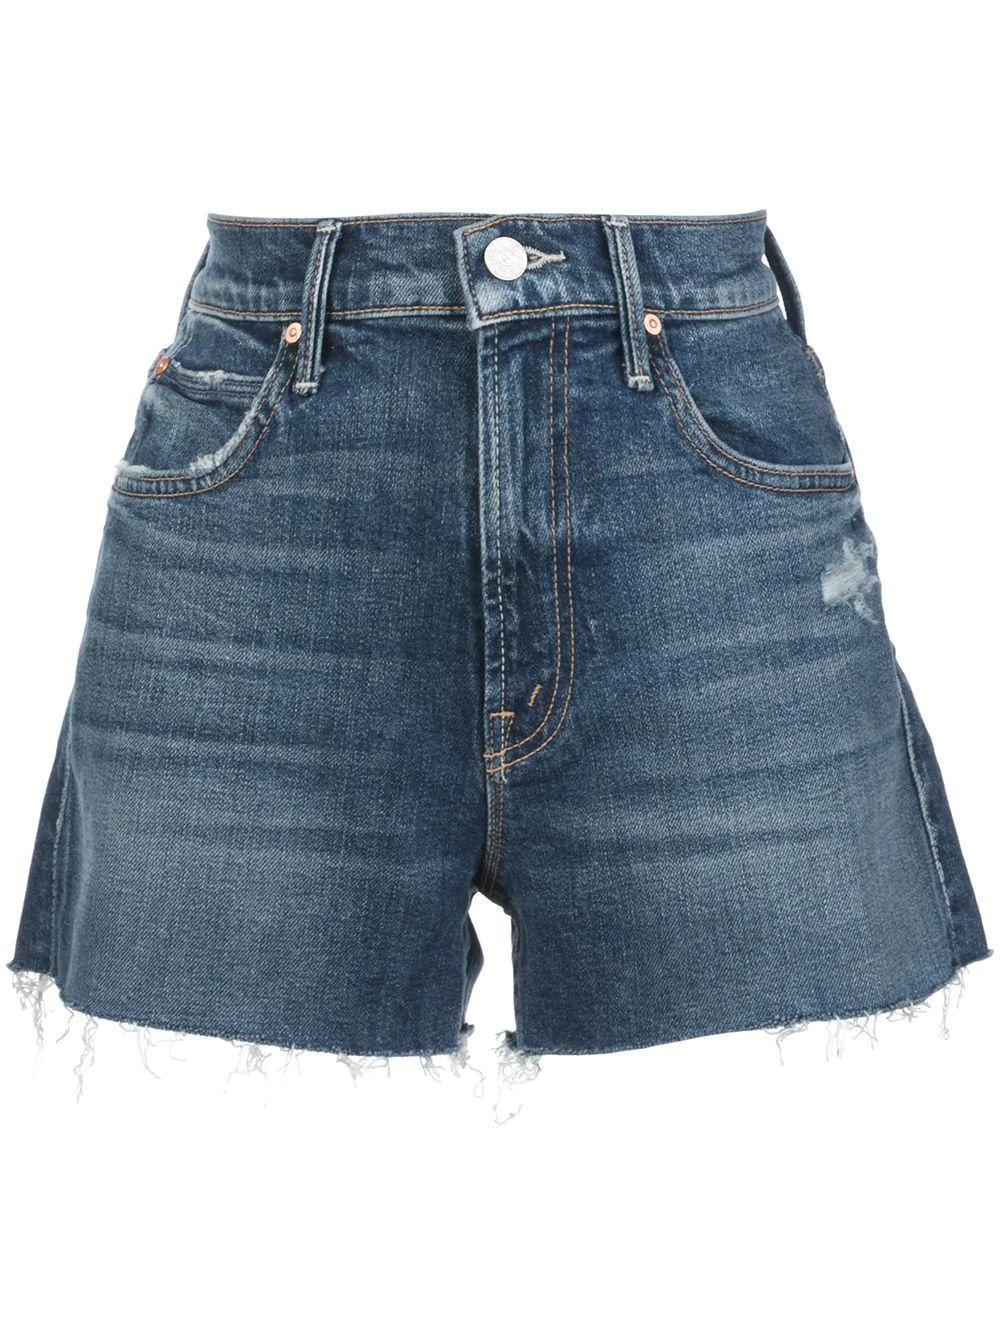 The Dutchie Short Item # 4153-259